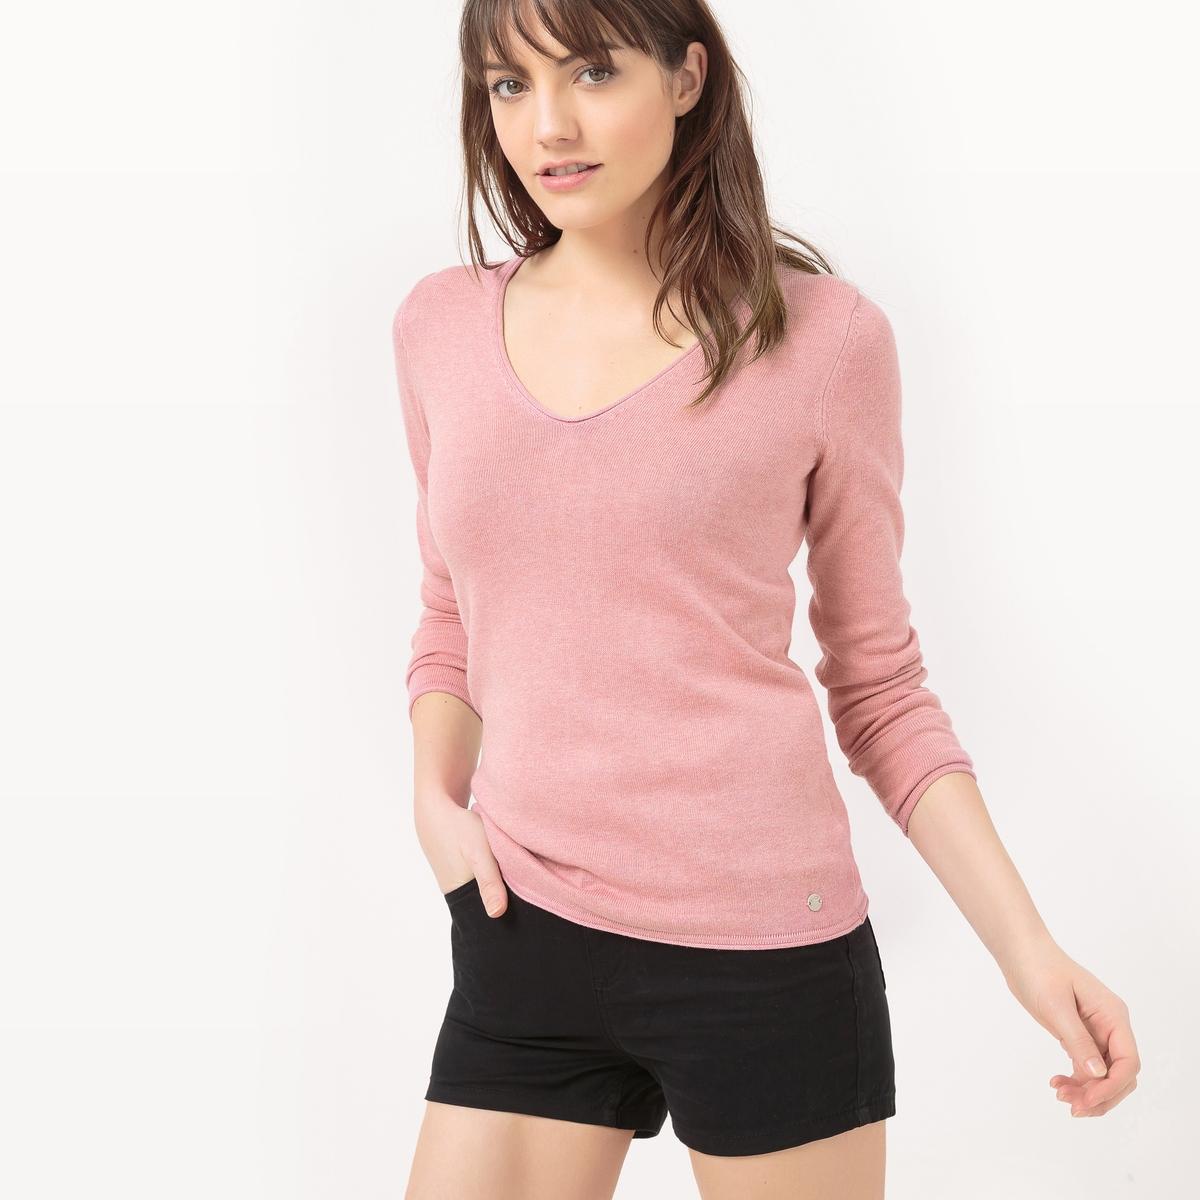 Пуловер с V-образным вырезомДетали  •  Классическая модель •  Длинные рукава •   V-образный вырез  •  Тонкий трикотажСостав и уход •  40% вискозы, 60% хлопка •  Следуйте советам по уходу, указанным на этикетке<br><br>Цвет: розовый<br>Размер: XXL